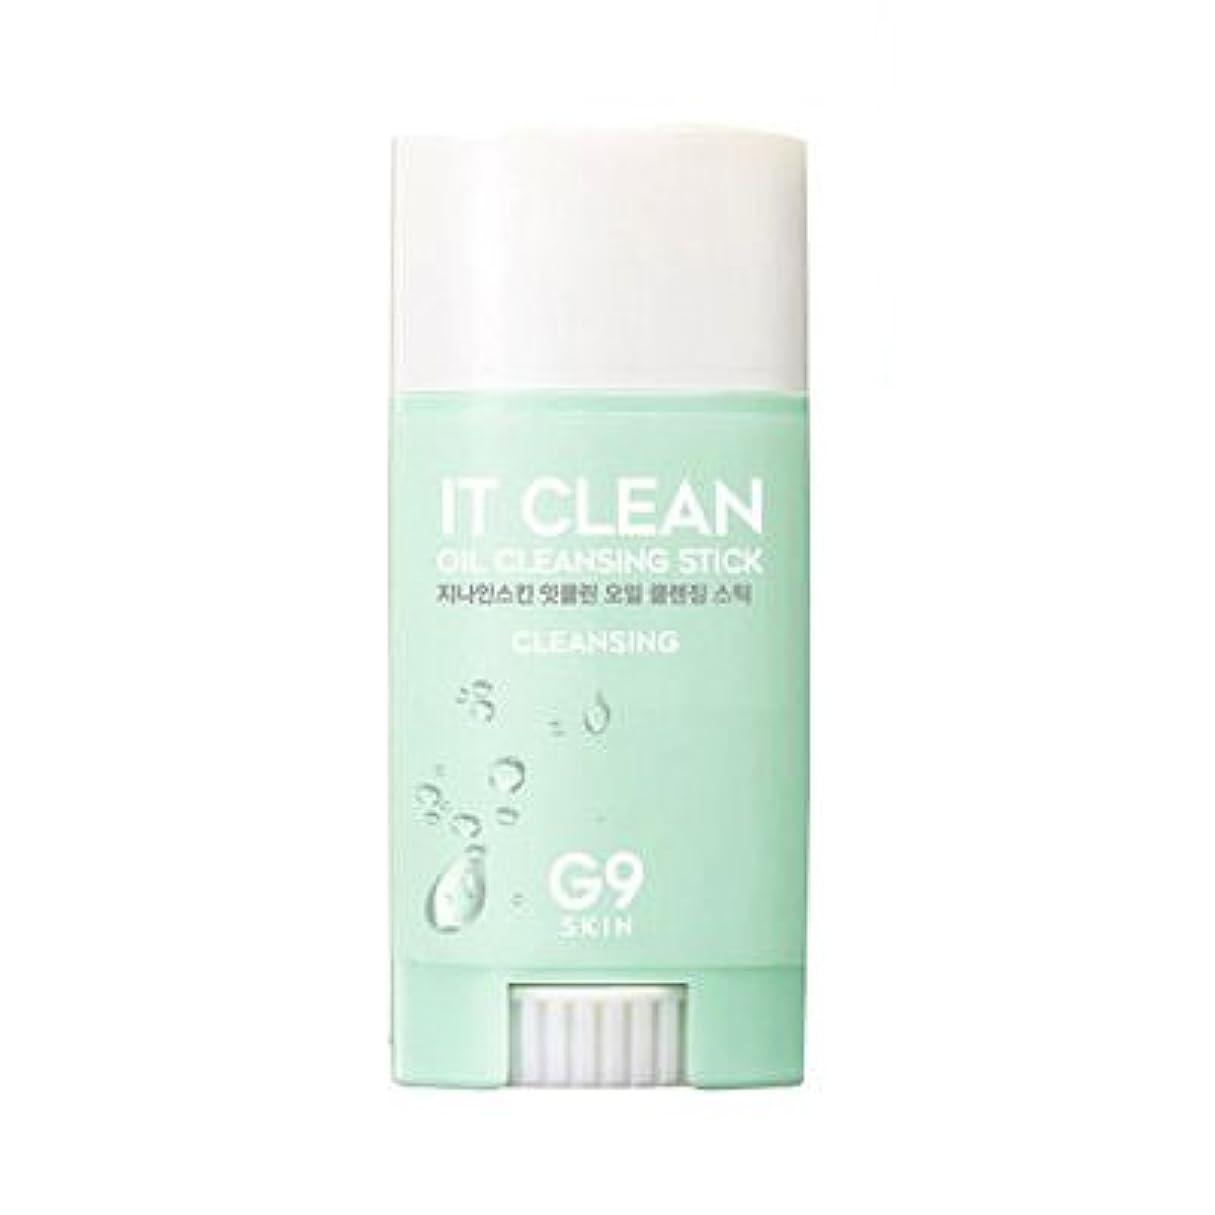 スイング船形蛾G9SKIN(ベリサム) It Clean Oil Cleansing Stick イットクリーンオイルクレンジングスティック